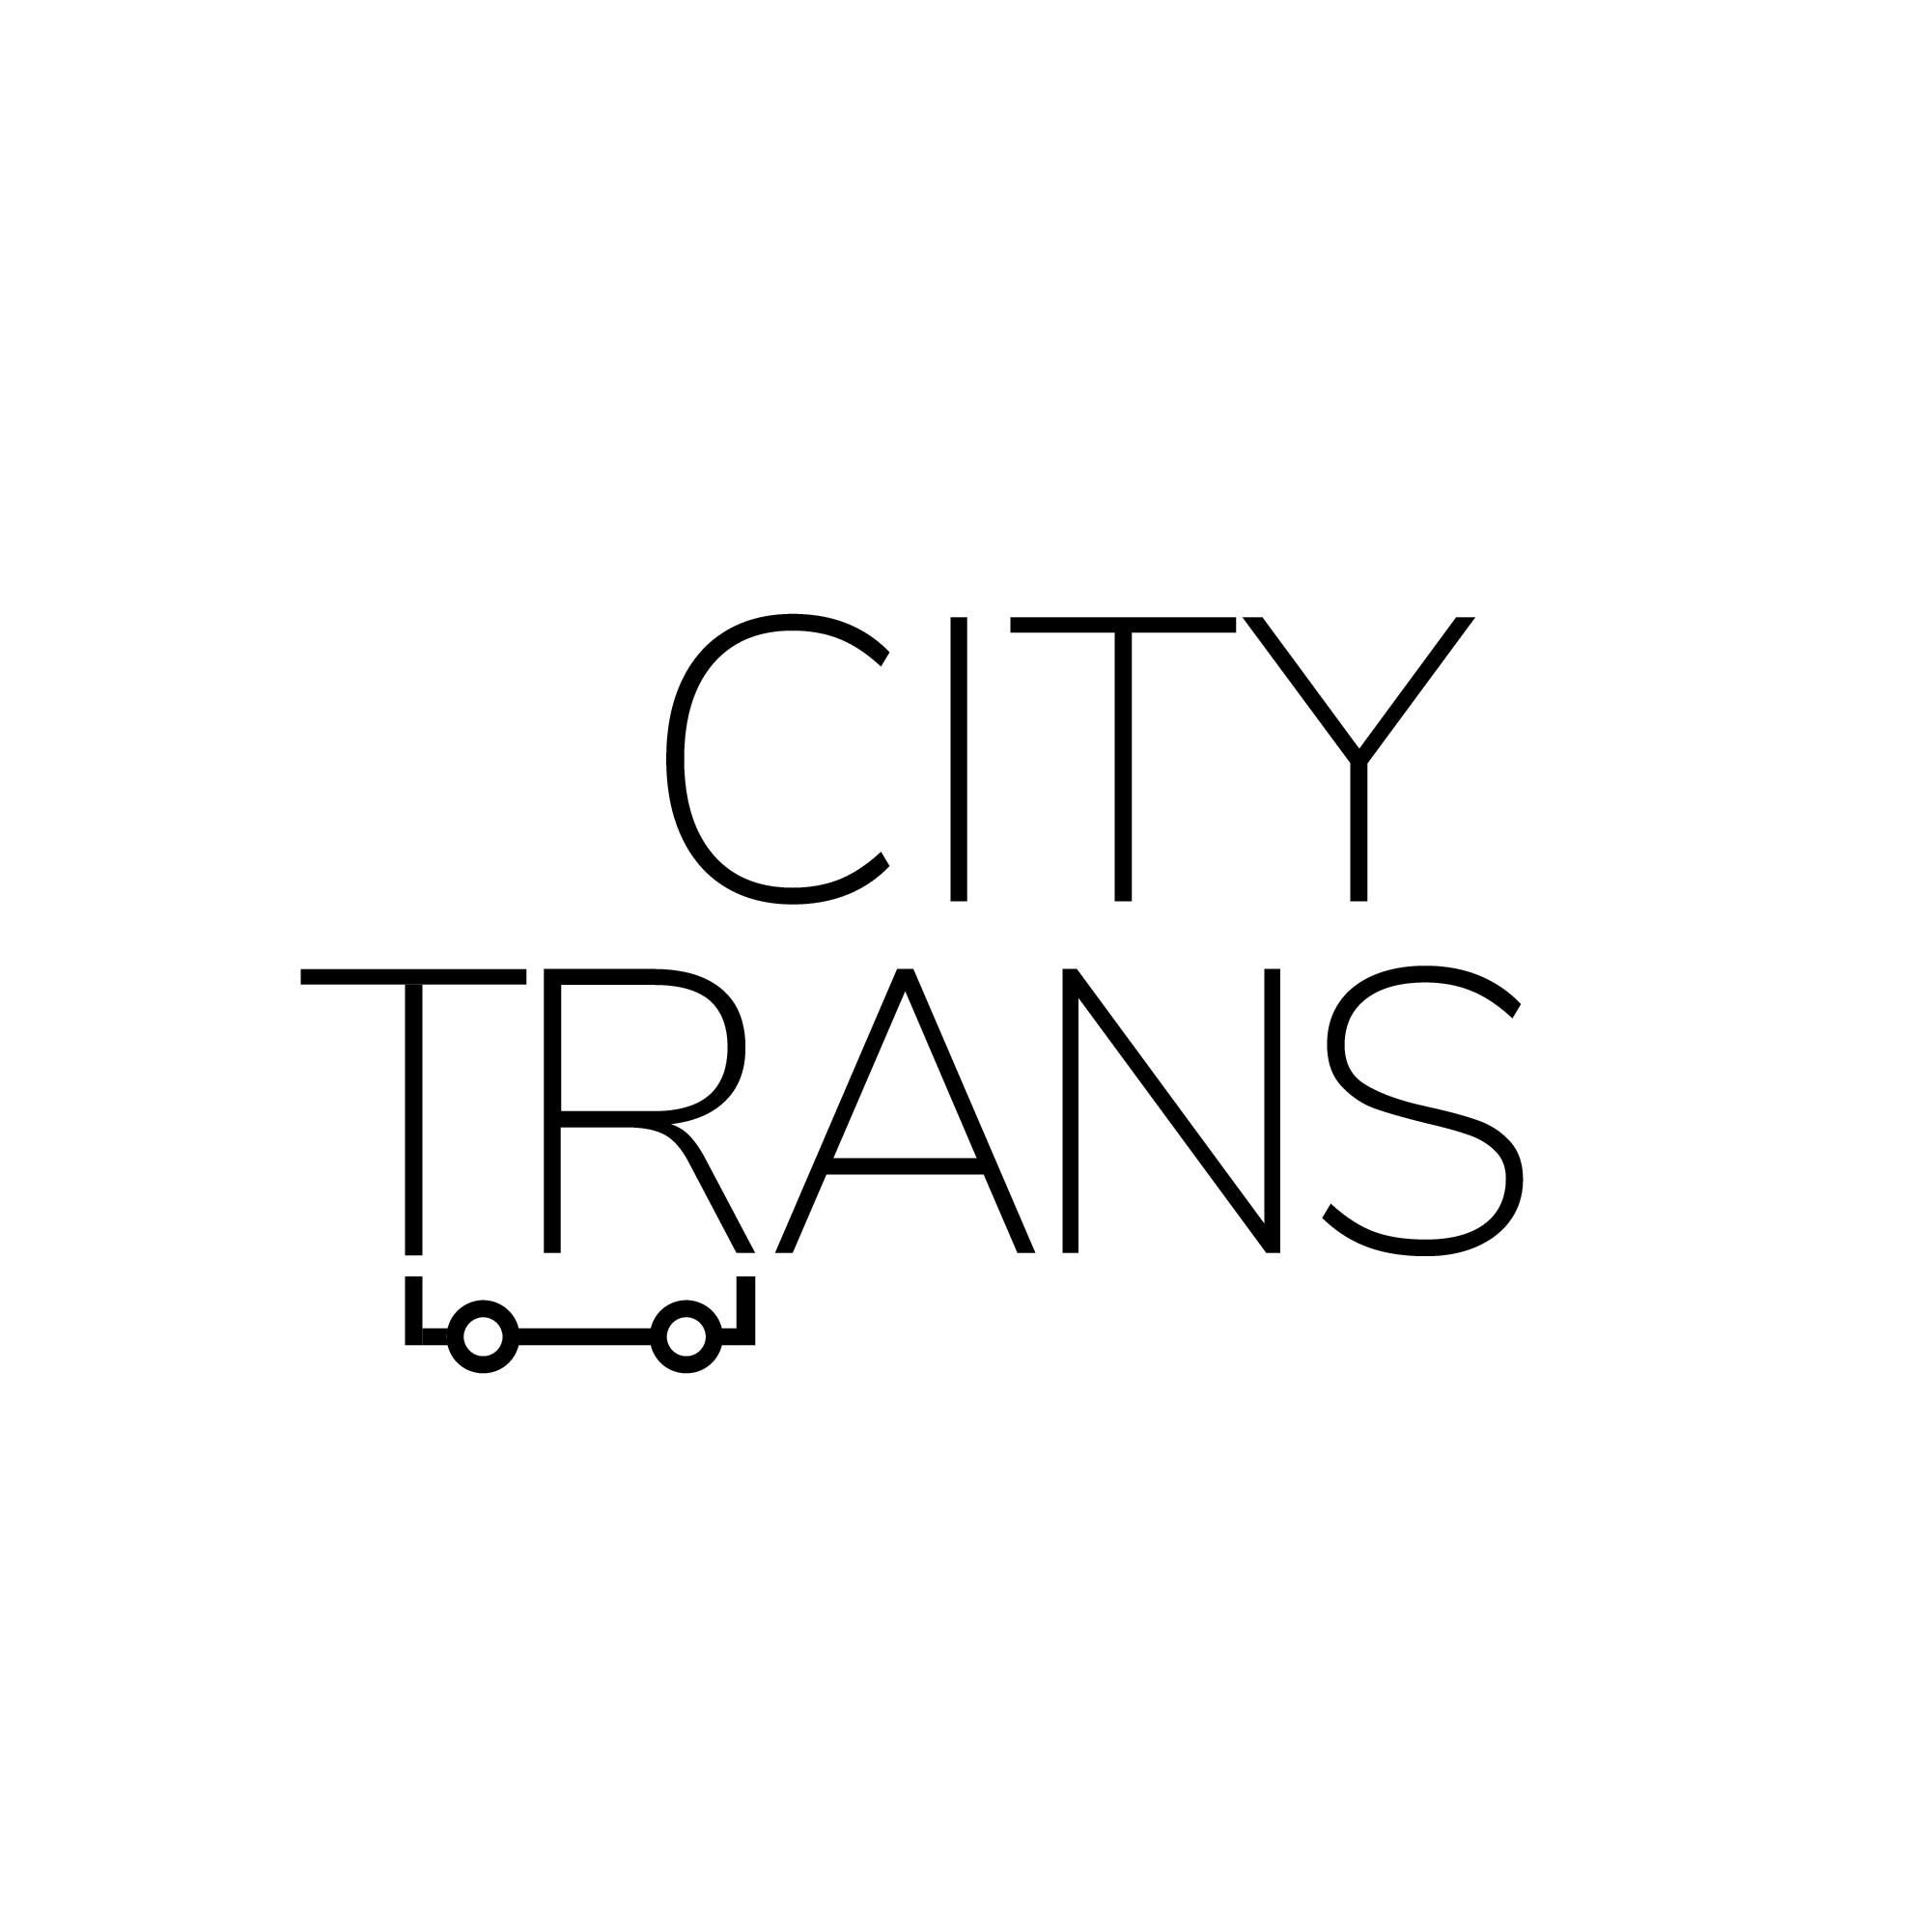 Разработка Логотипа транспортной компании фото f_3945e6d1901d7cfe.png